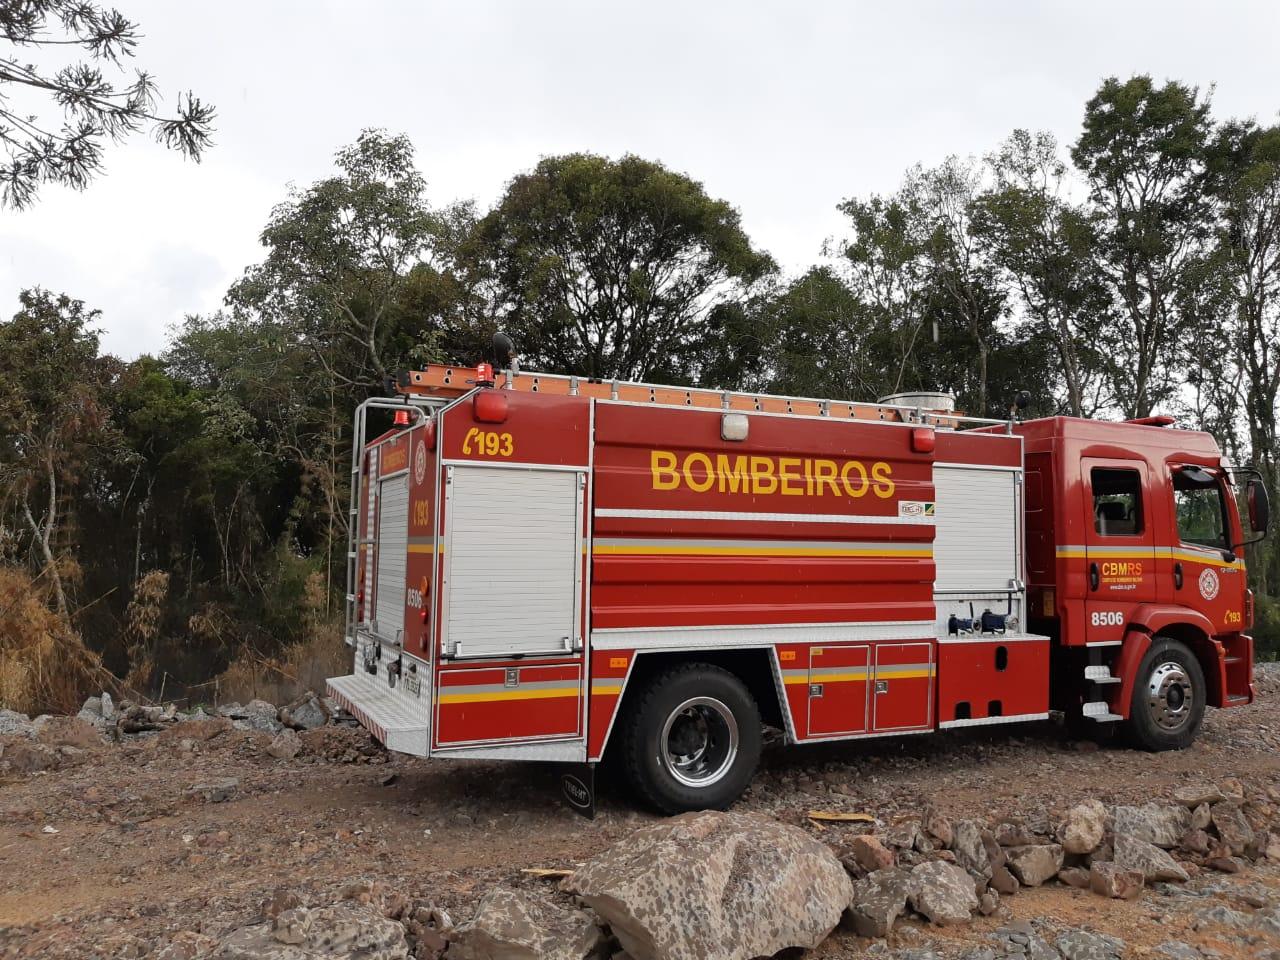 Bombeiros de Bento contabilizam ocorrências de fogo em vegetação